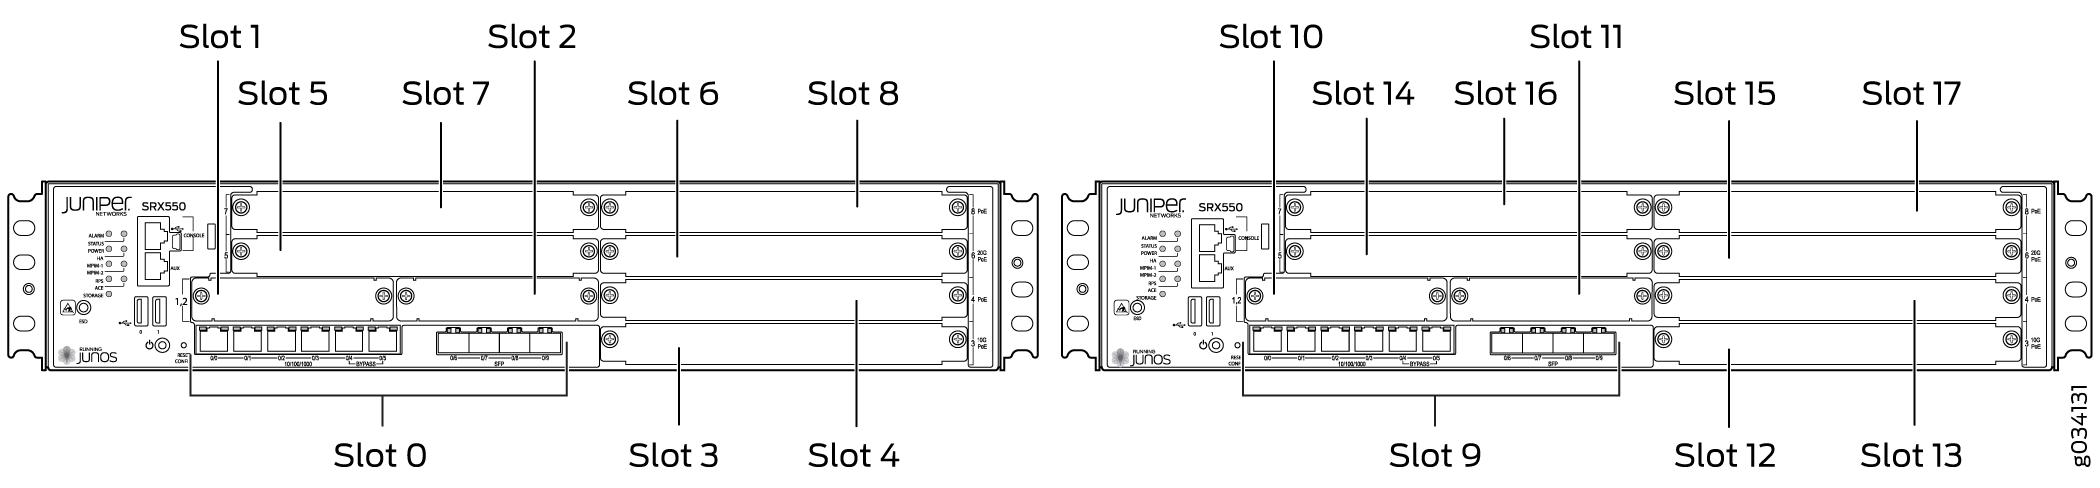 Srx650 slots